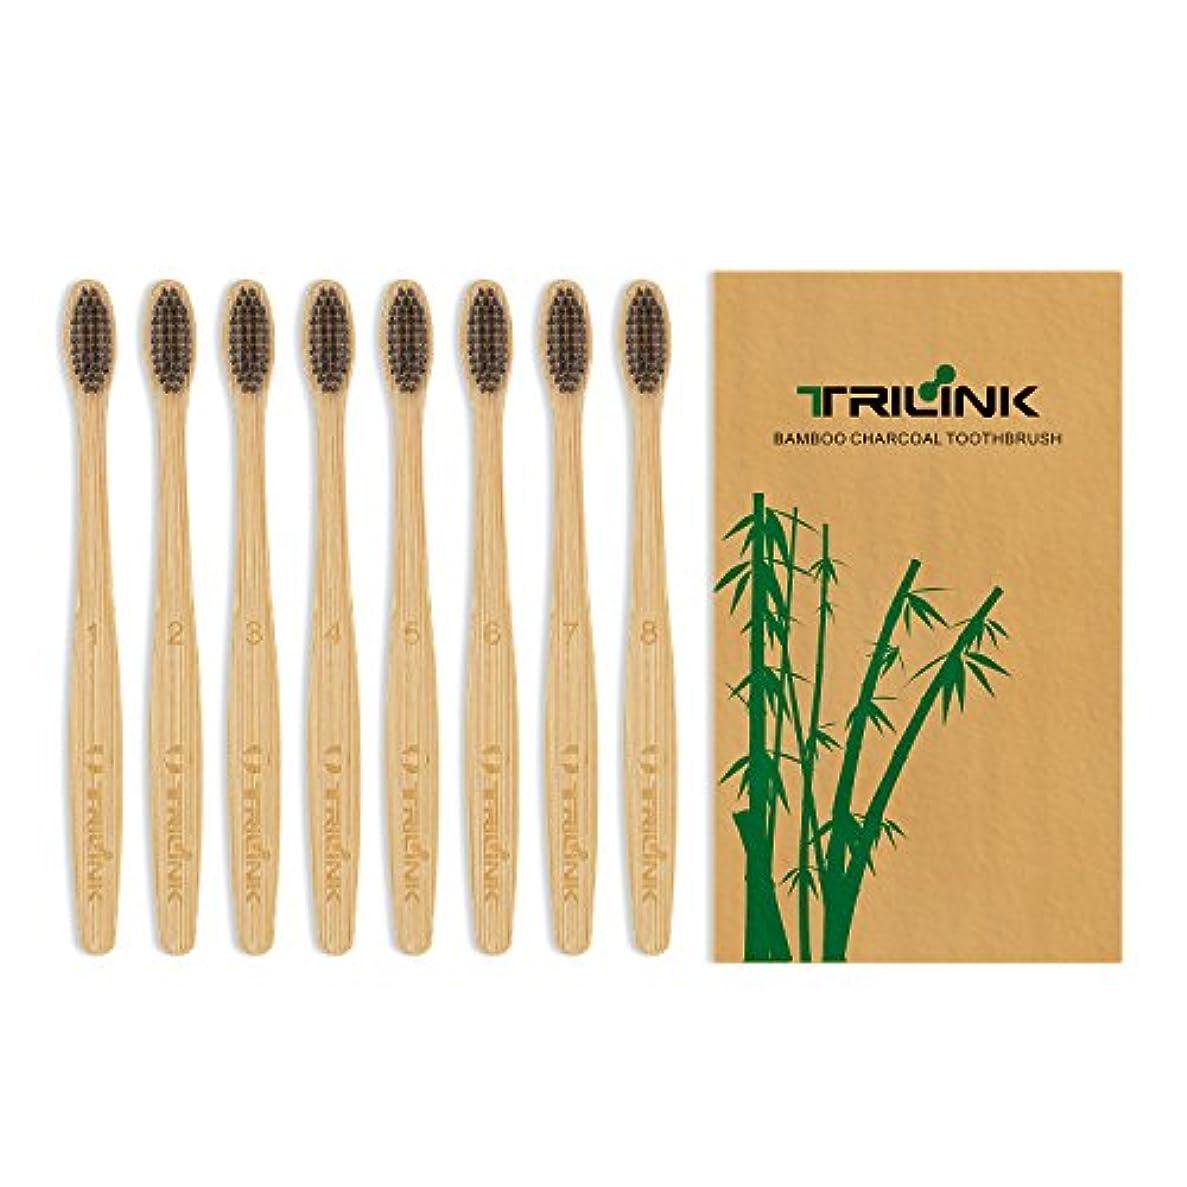 森オーバーフローエイズ大人用竹の歯ブラシ(8本) 環境保護 天然の柔らかい ハブラシ【 活性炭を注入】